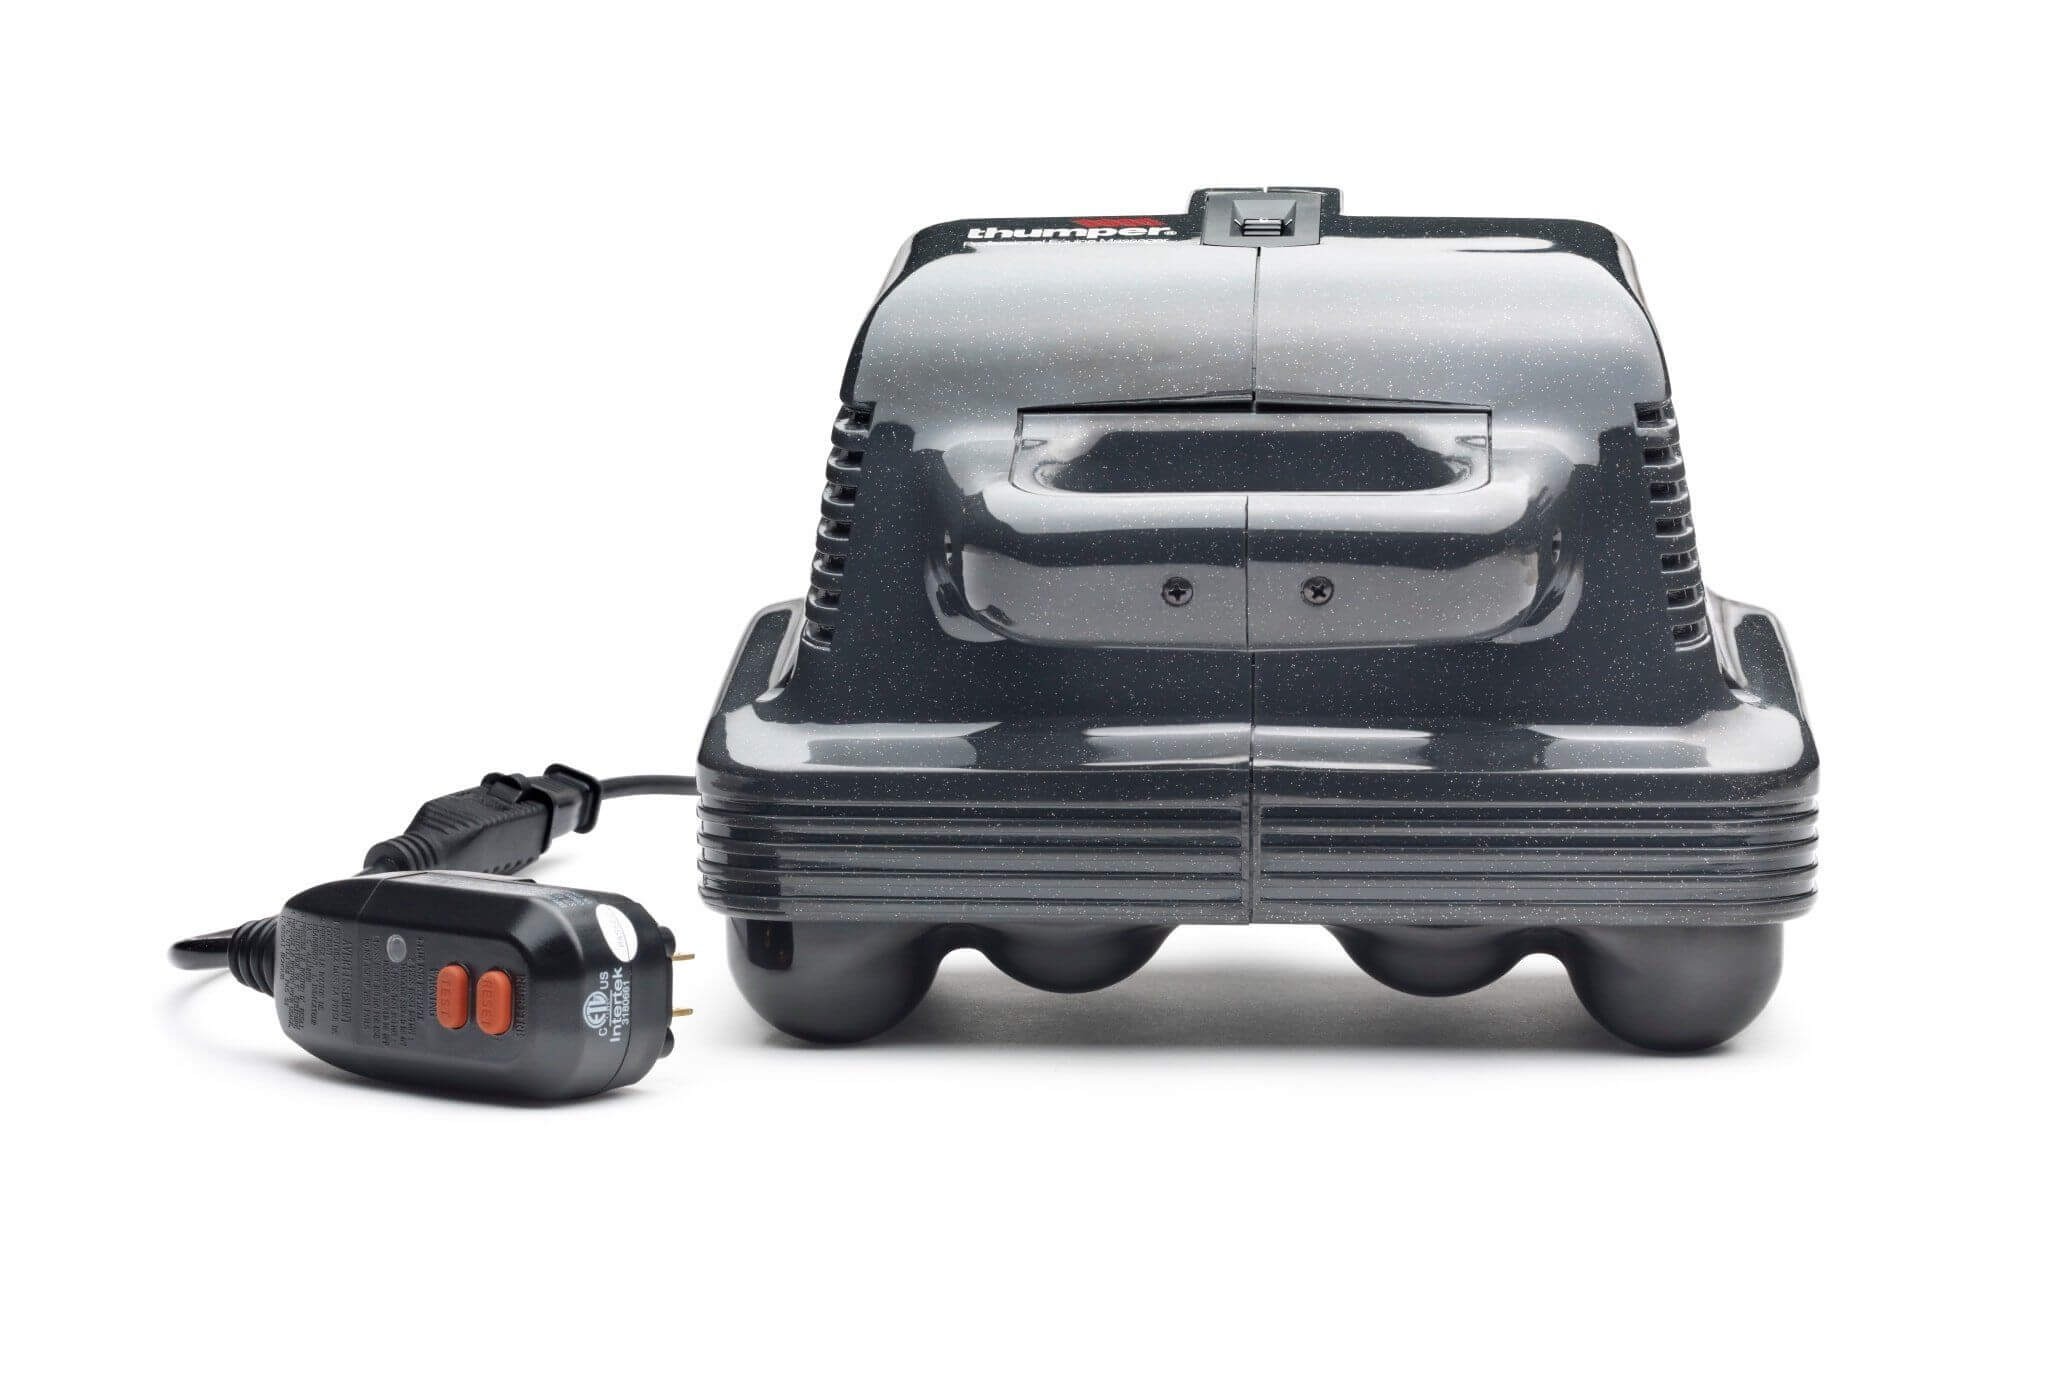 Thumper Maxi Pro II